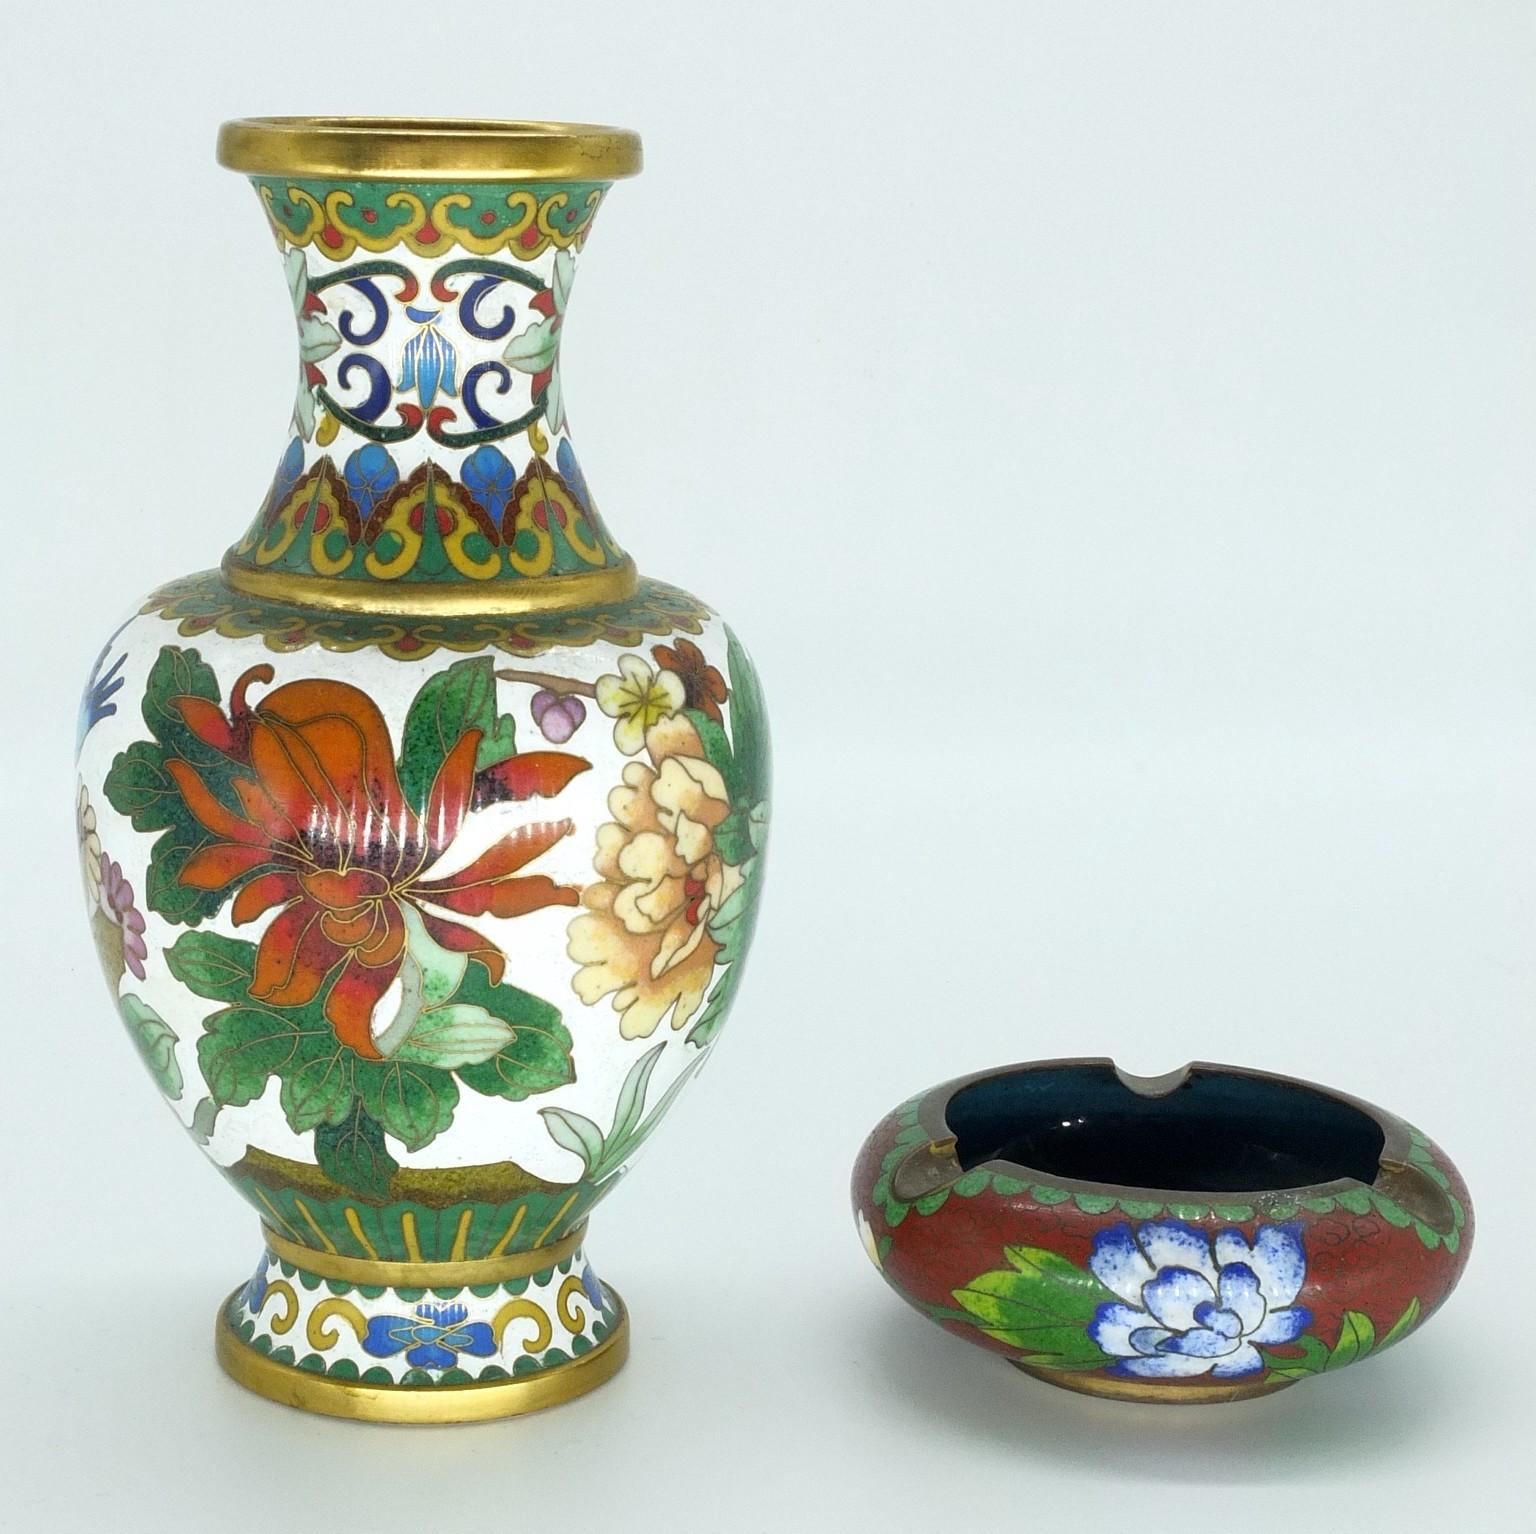 'Chinese Cloisonne Vase and Ashtray'